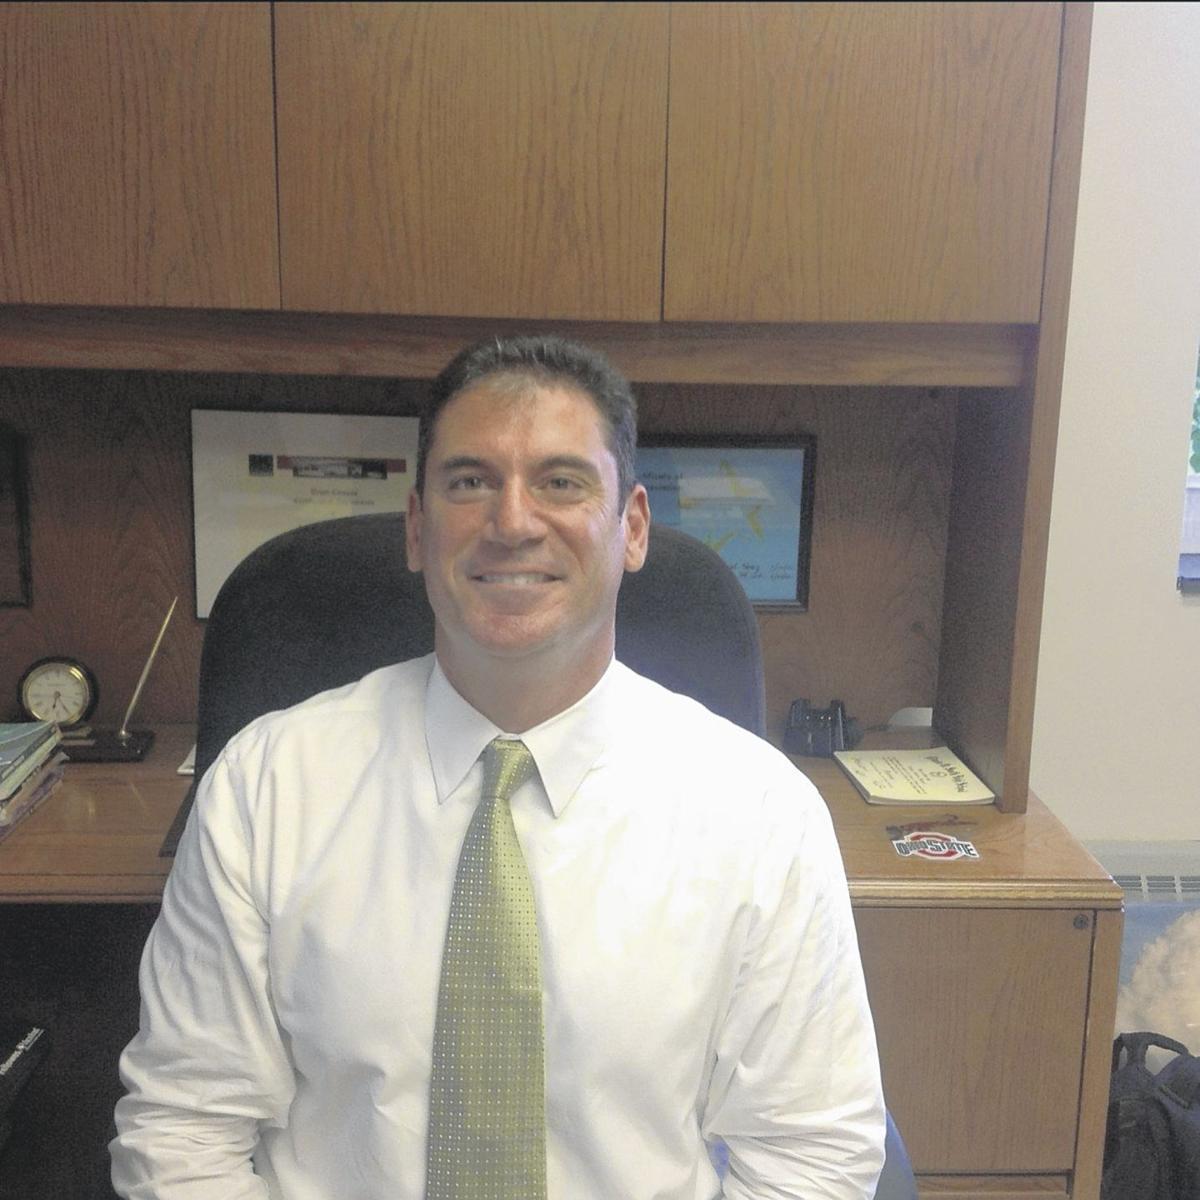 E.O. Smith High School principal